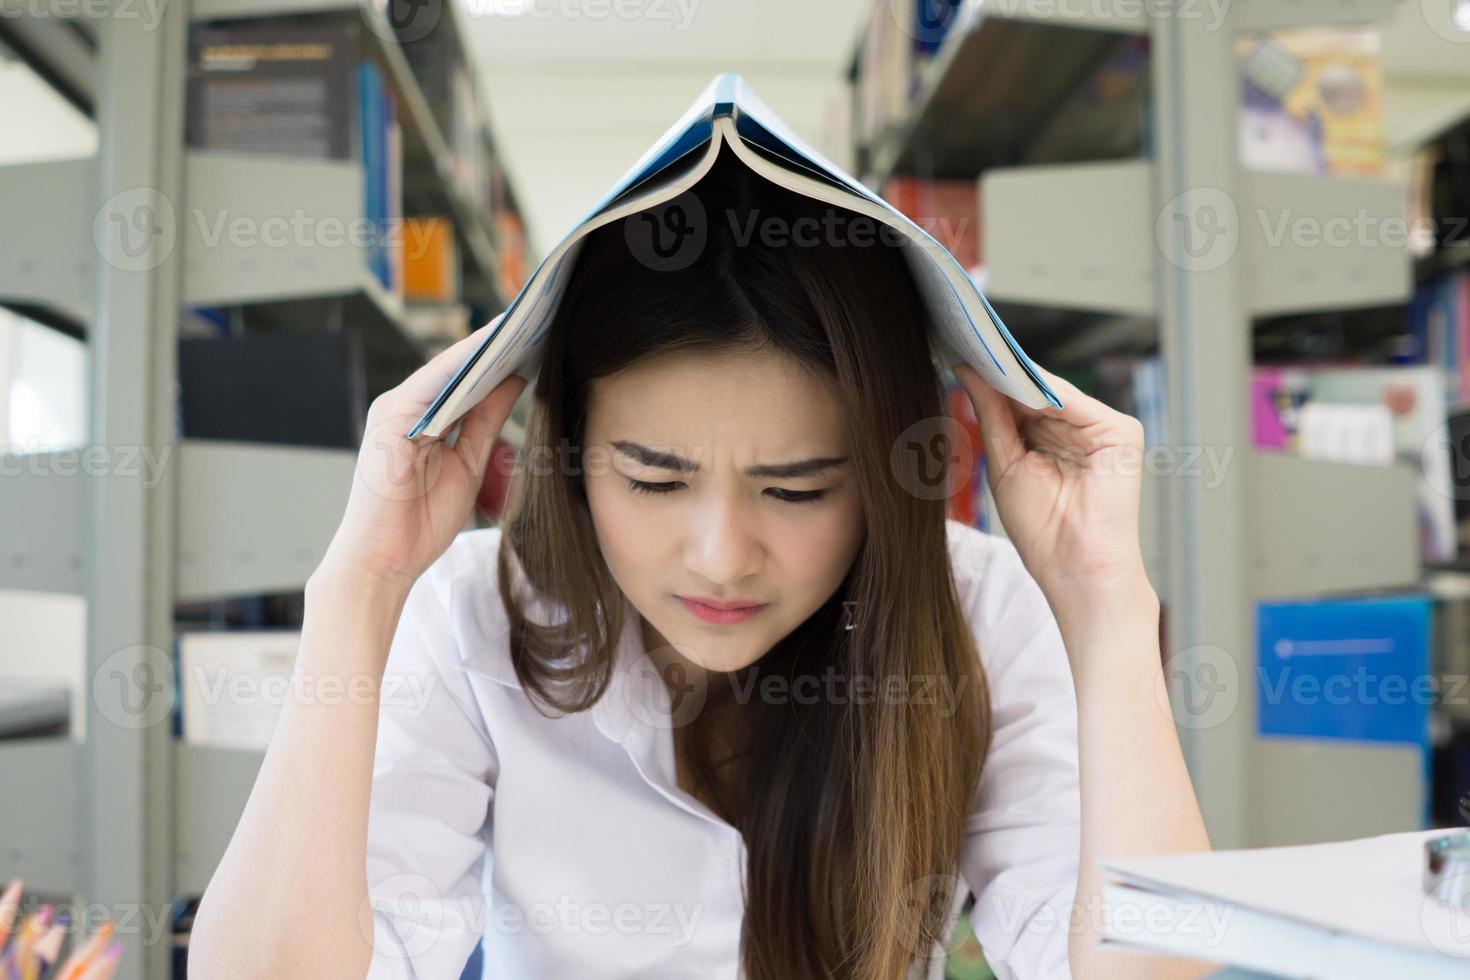 portret van student die haar hoofd bedekt met een boek tijdens het lezen foto